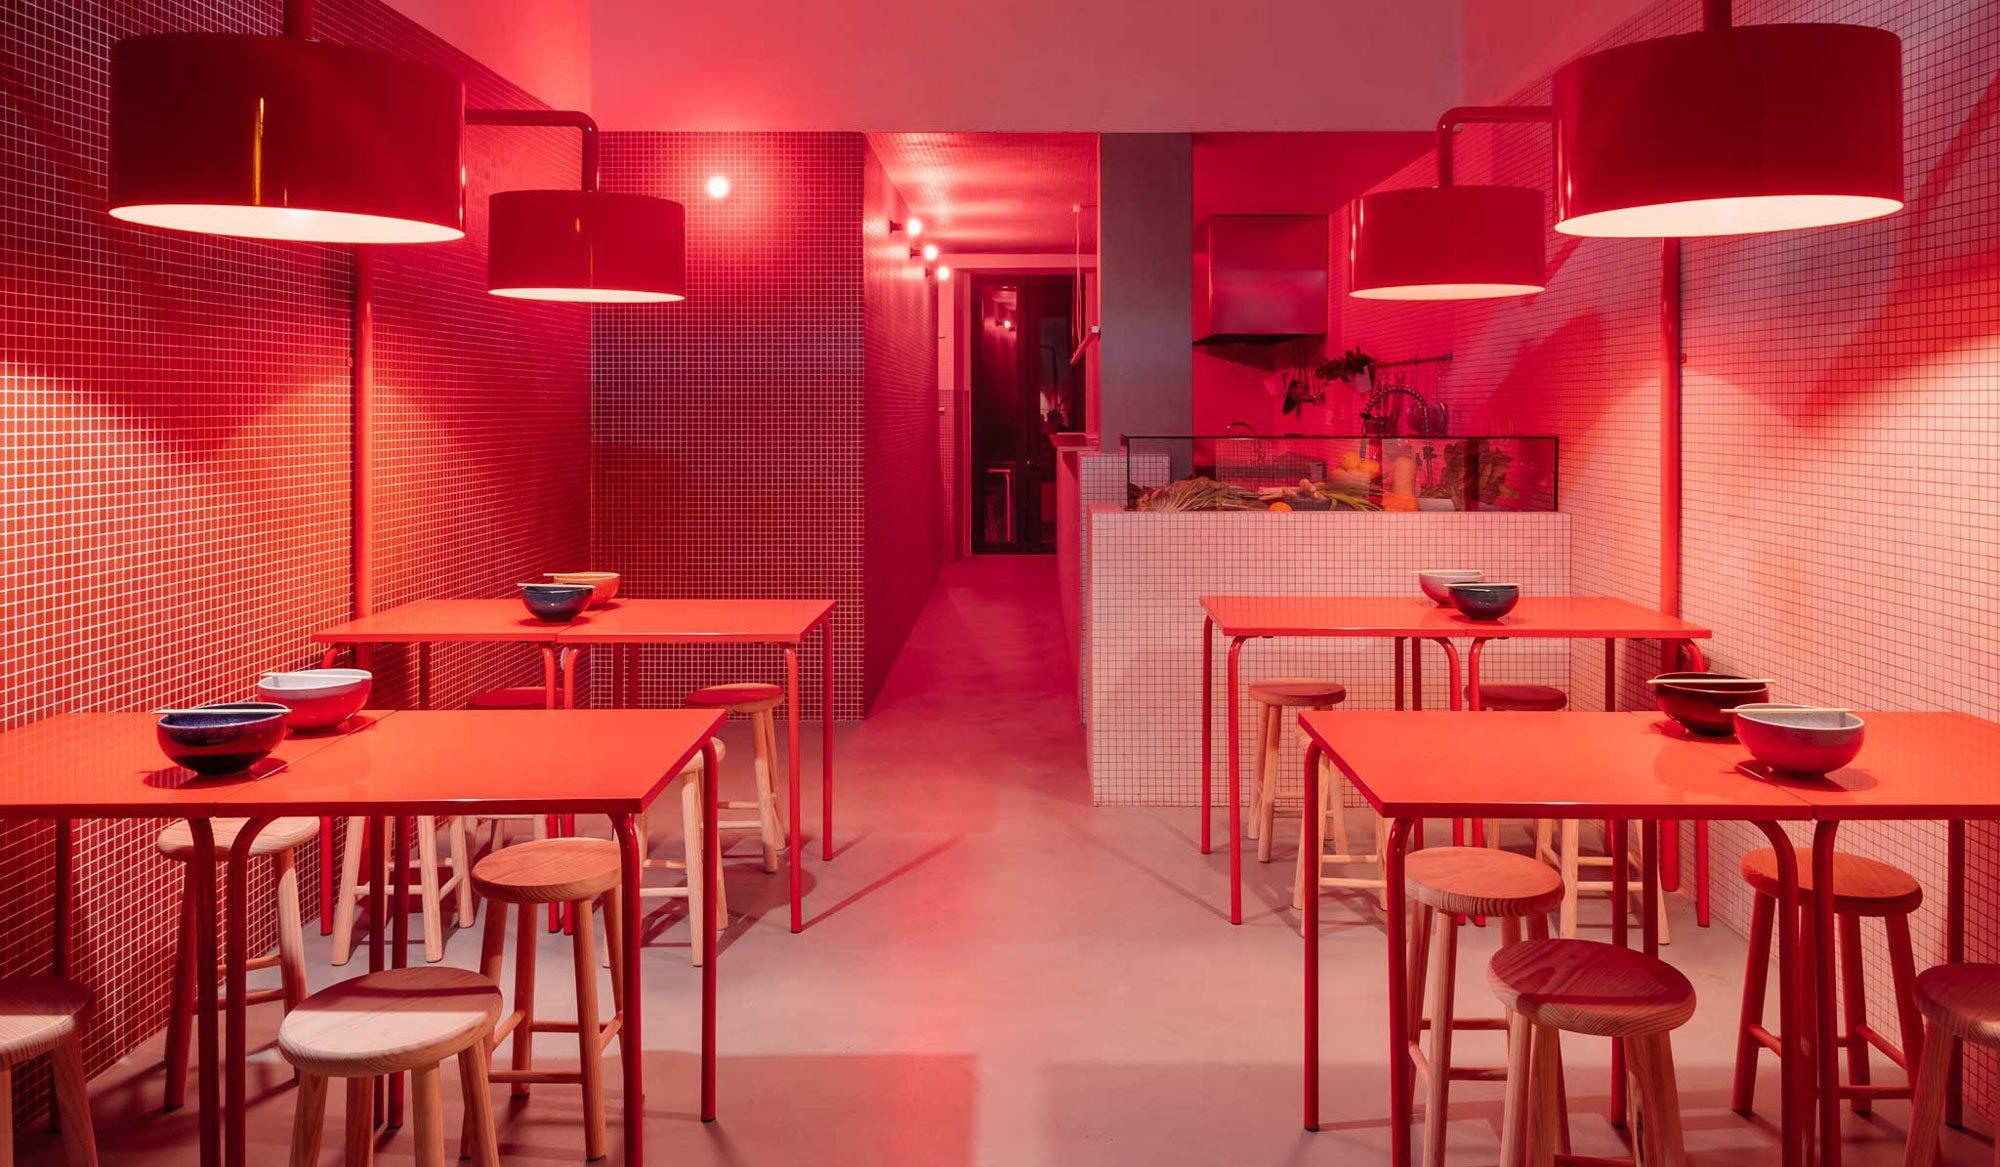 Durch den Einsatz von Farb- und Texturkontrasten erarbeitete Mariana Peralta mit DC.AD ein ausgewogenes Konzept für das Sun Tan in Lissabon.